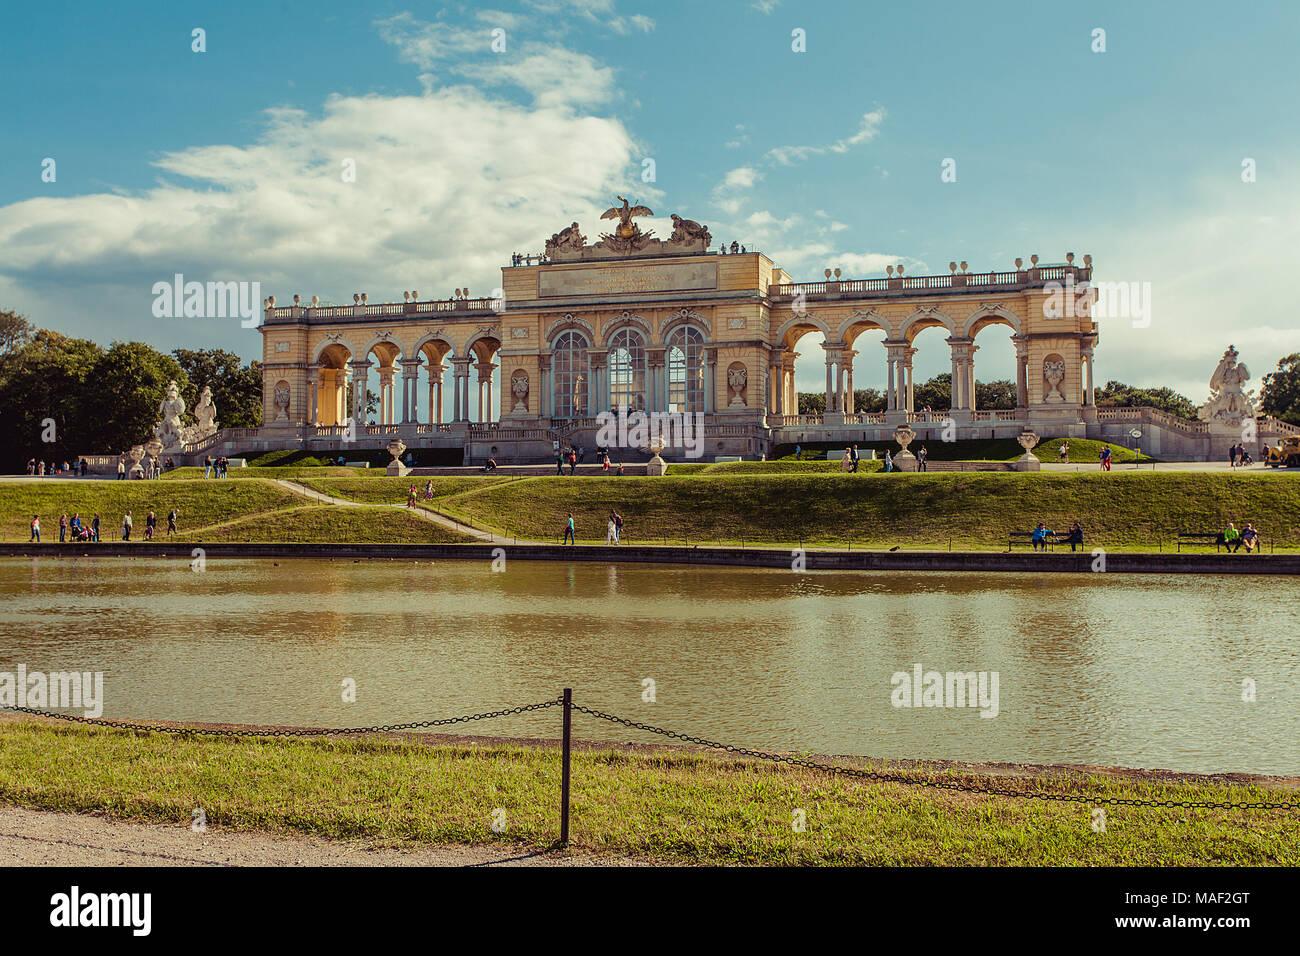 Gloriette - Schönbrunn, Vienna, Austria - Stock Image